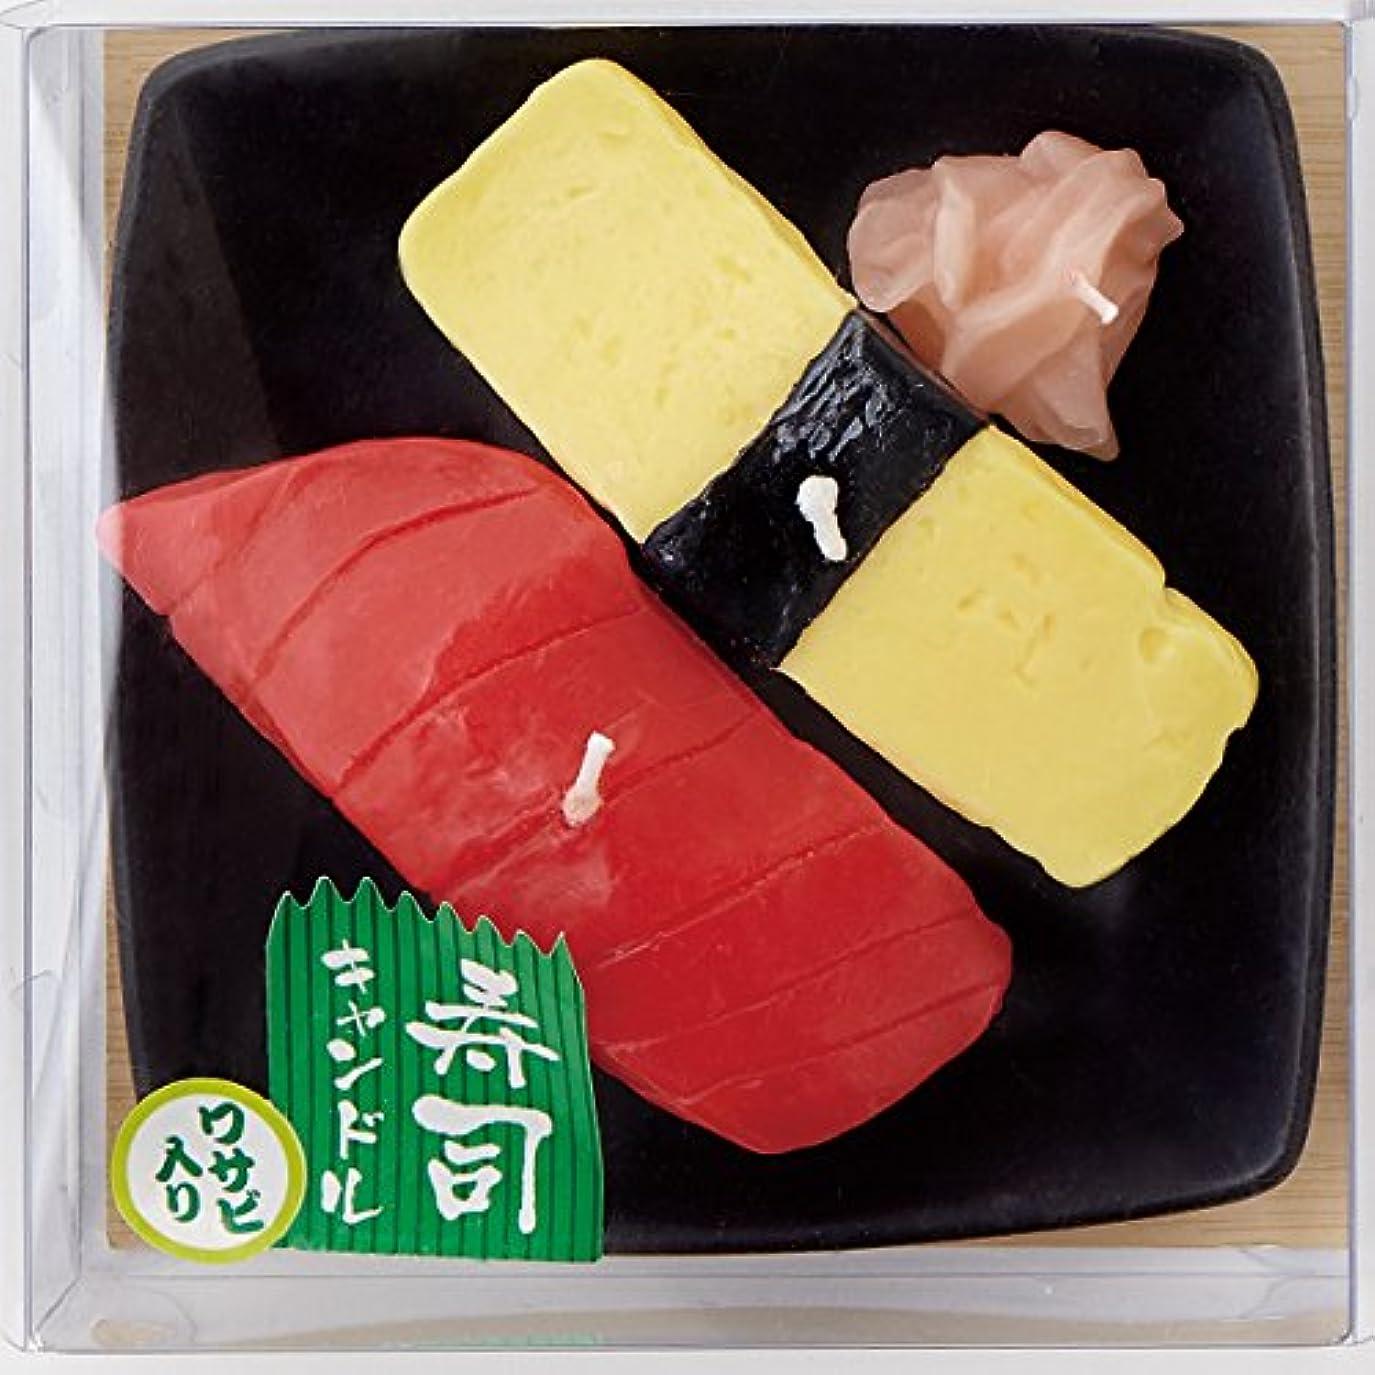 シットコム武装解除消費する寿司キャンドル A(マグロ?玉子) サビ入